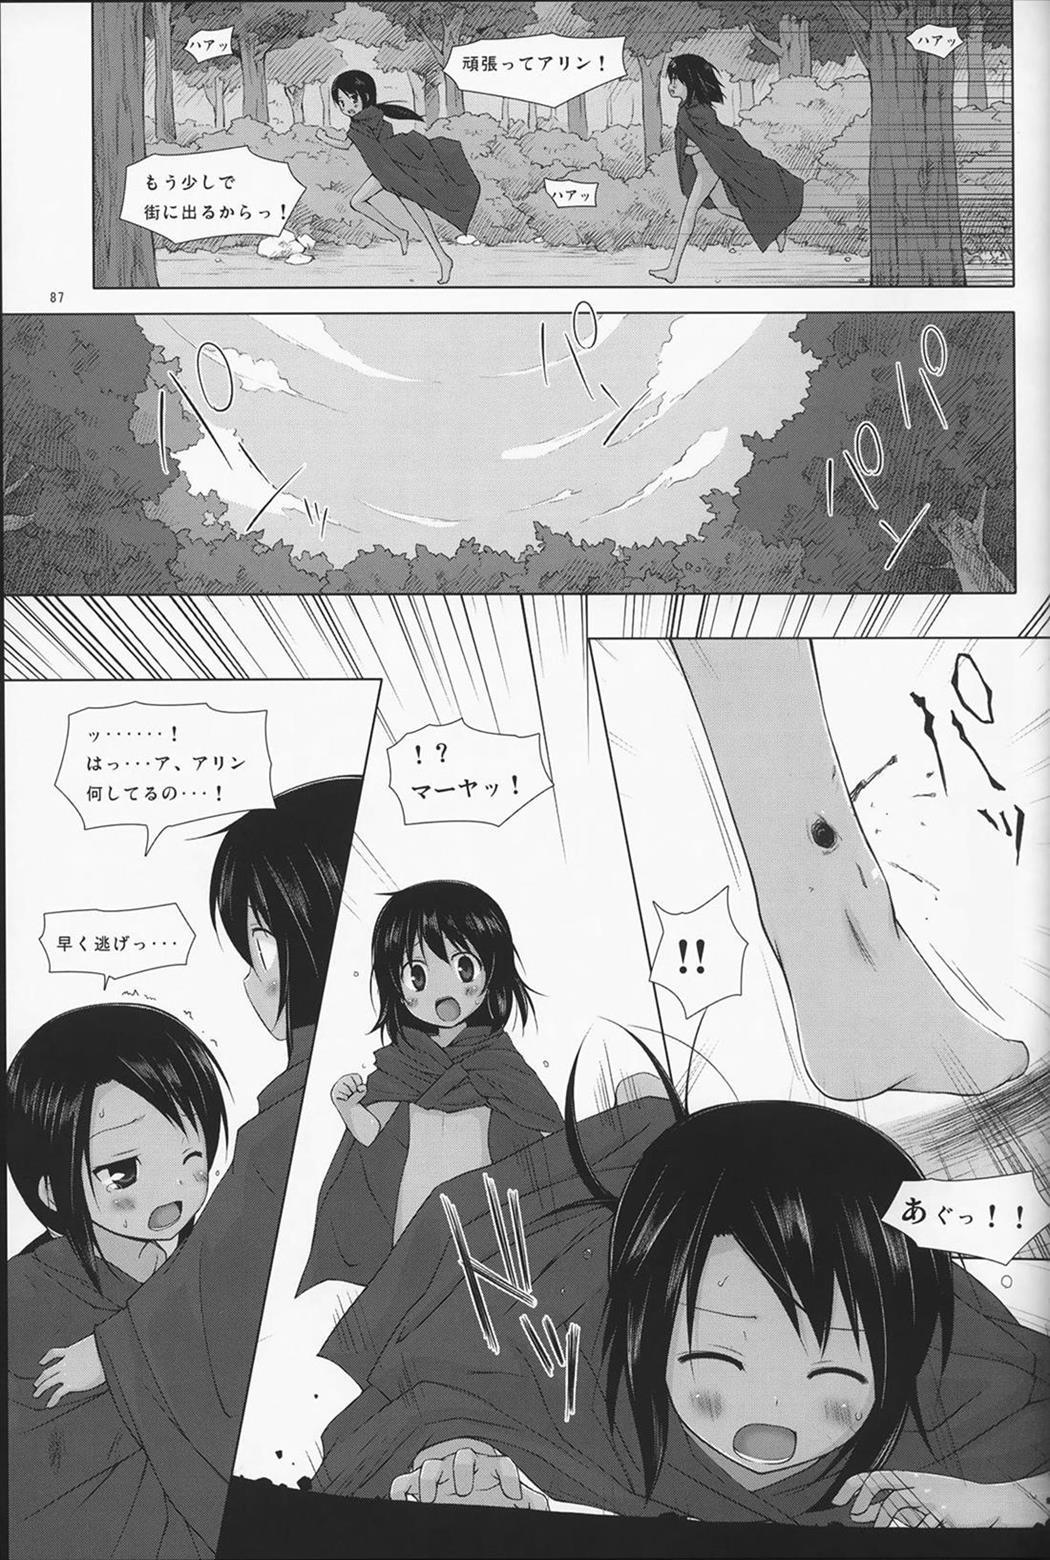 【エロ漫画・エロ同人誌】異国で父親に売られて売春する羽目になったロリ少女wひたすらお客とエッチしてる毎日を送ってたら日本人の男に助けられ日本に来てもセックス依存がぬけてないwww (87)